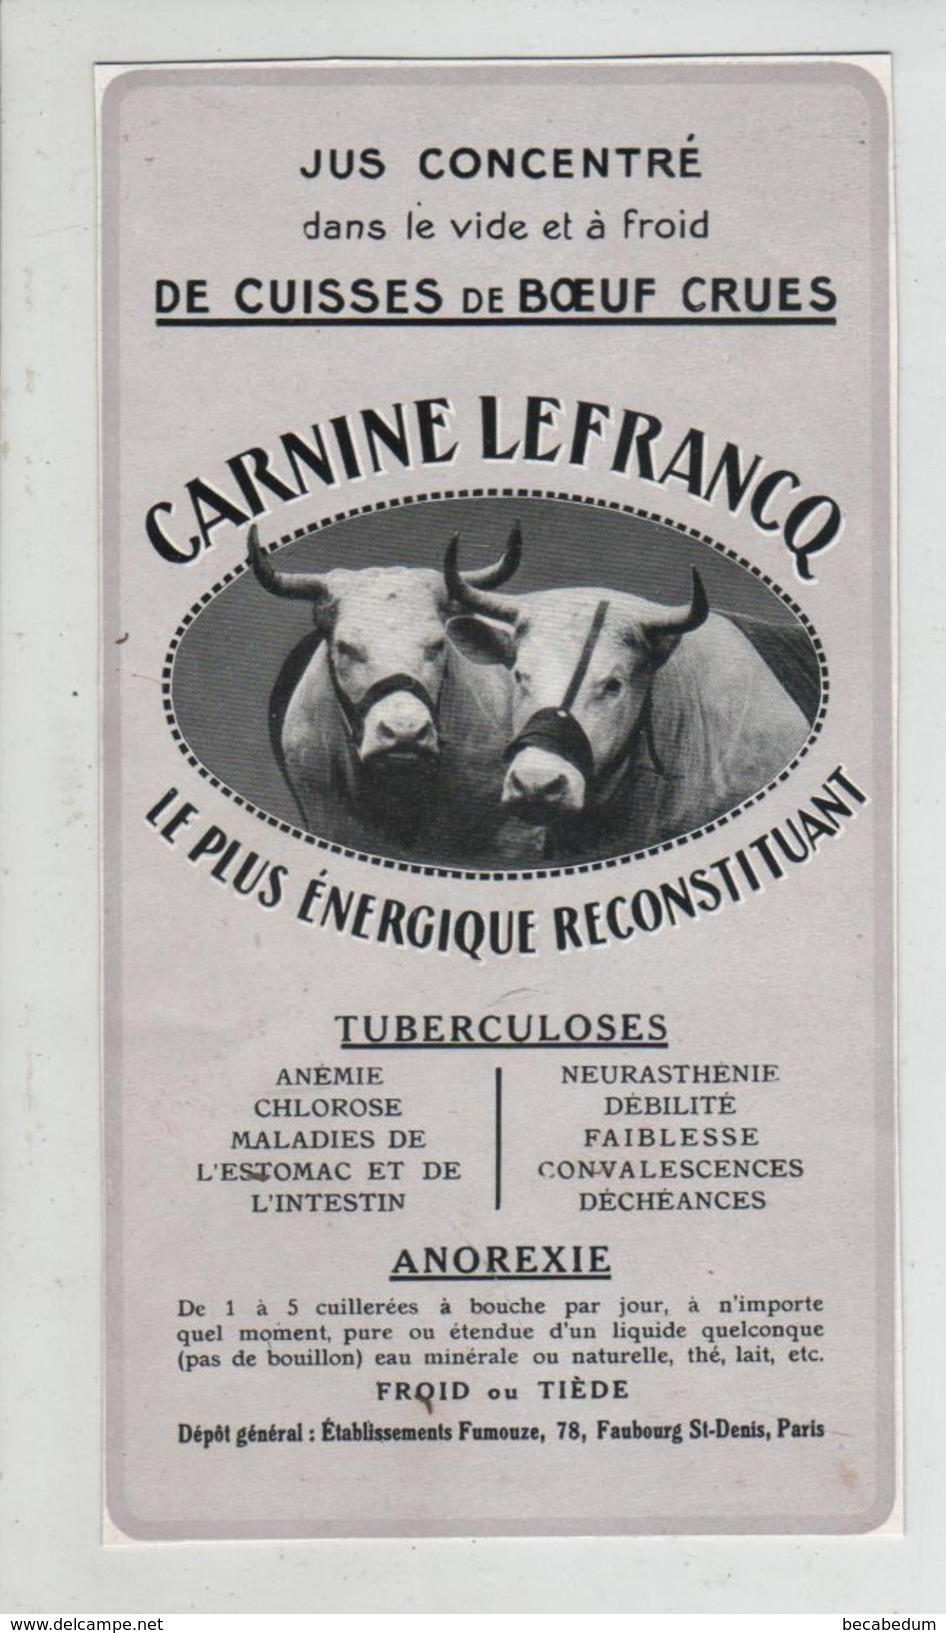 Publicité Carnine Lefrancq Boeuf Jus Concentré Tuberculose Anorexie - Werbung